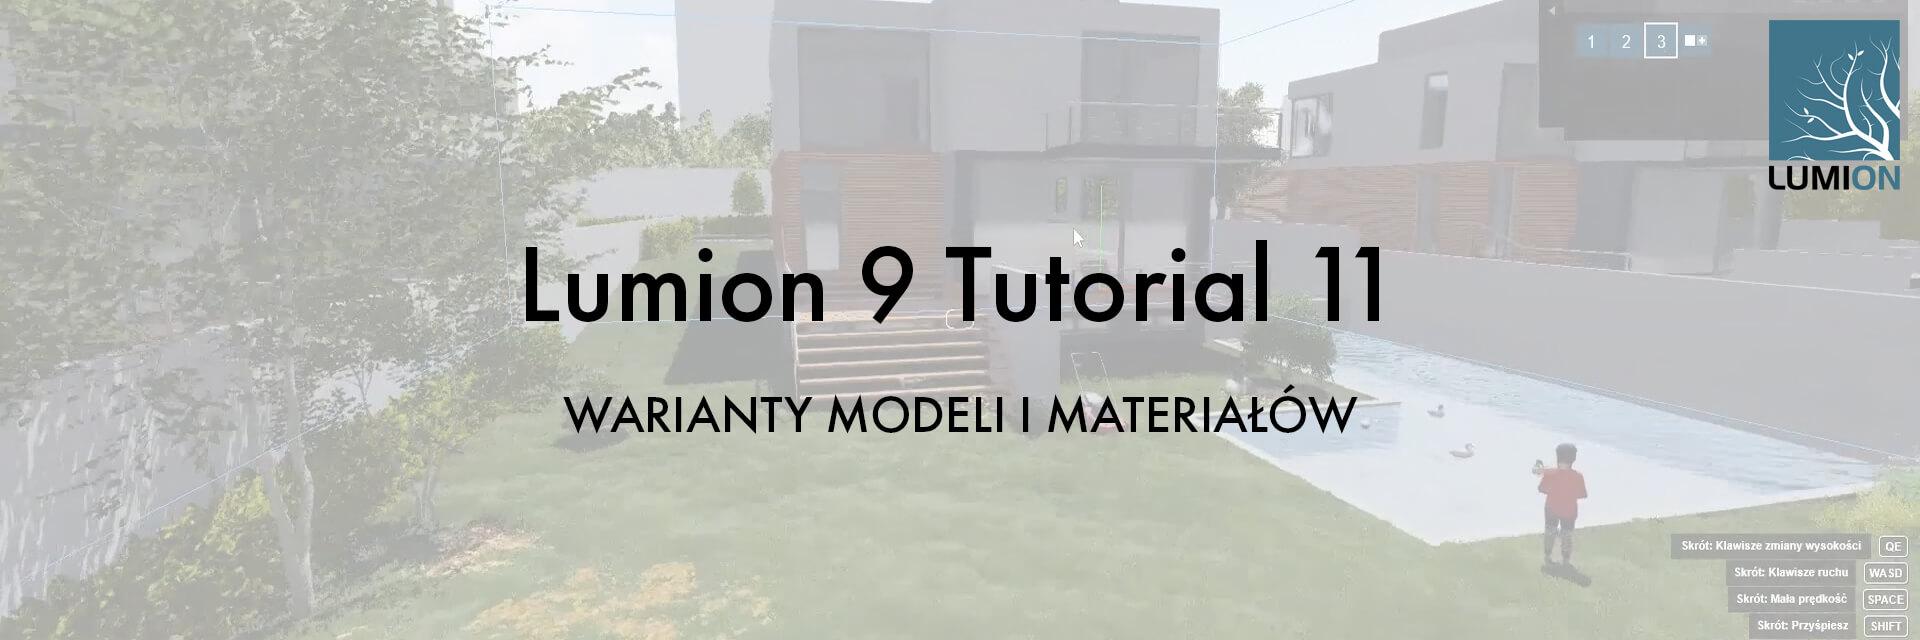 T11 ST - Lumion 9 Tutorial 11 WARIANTY MODELI I MATERIAŁÓW